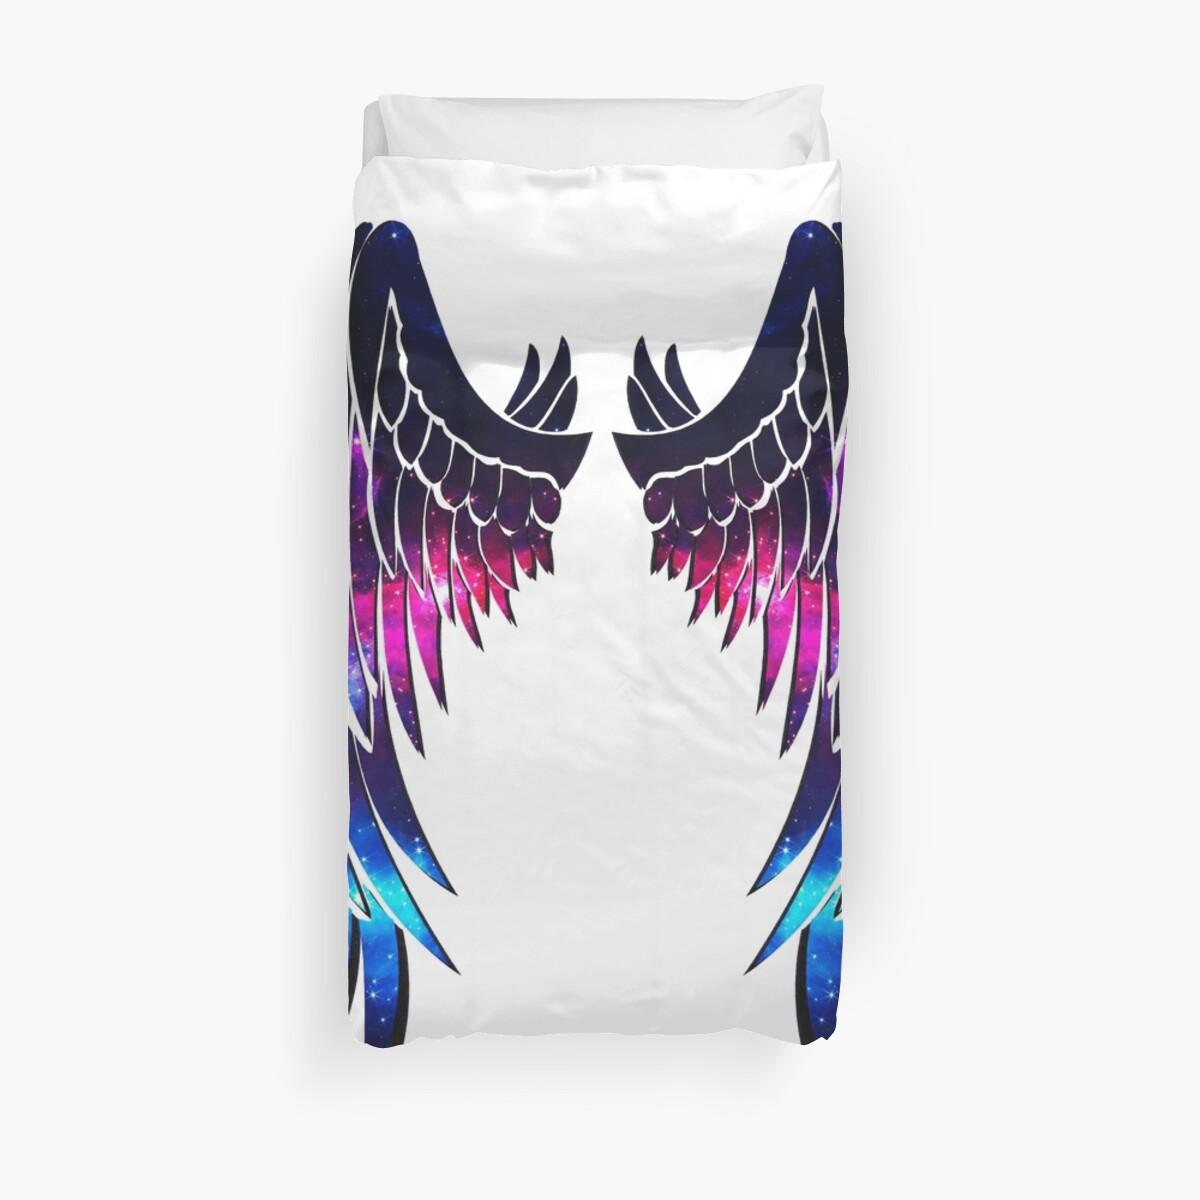 Cosmic wings by STVs